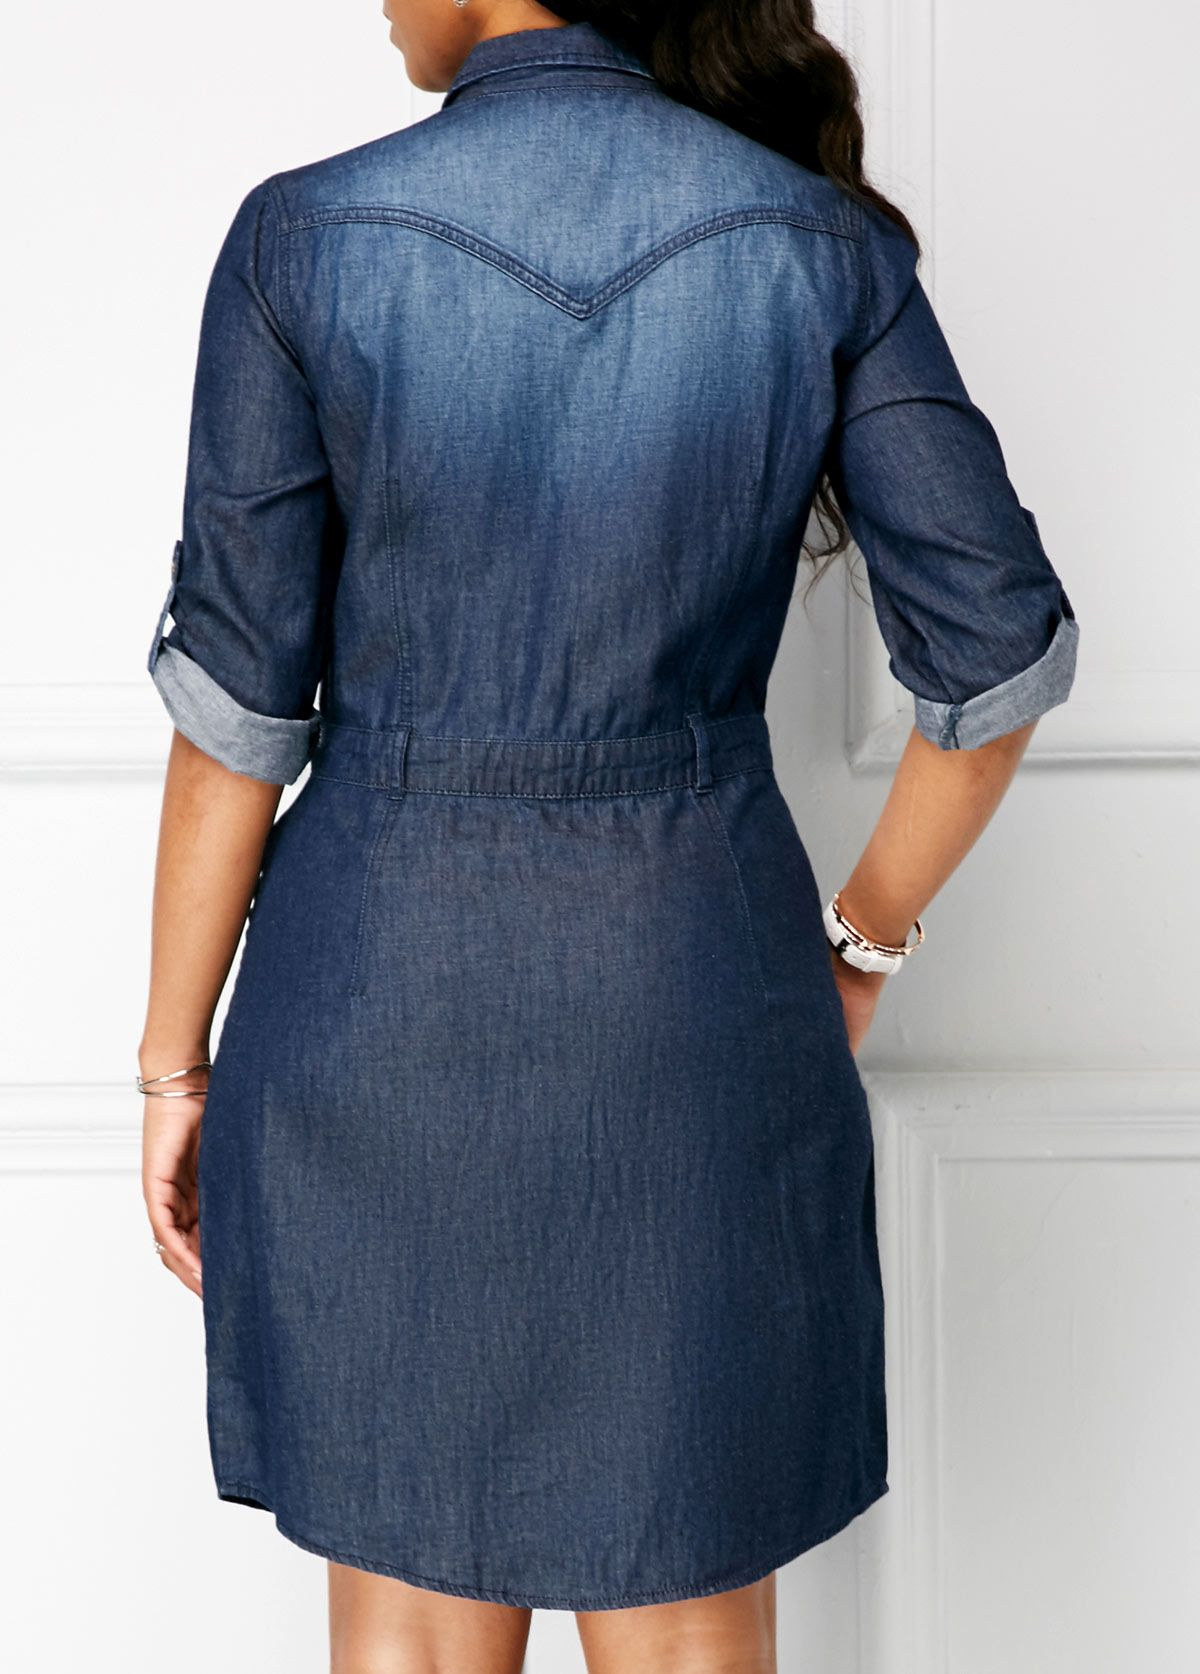 Turndown Collar Roll Tab Sleeve Denim Dress Rotita Com Usd 37 12 Denim Dress Womens Denim Dress Denim Dress Summer [ 1674 x 1200 Pixel ]